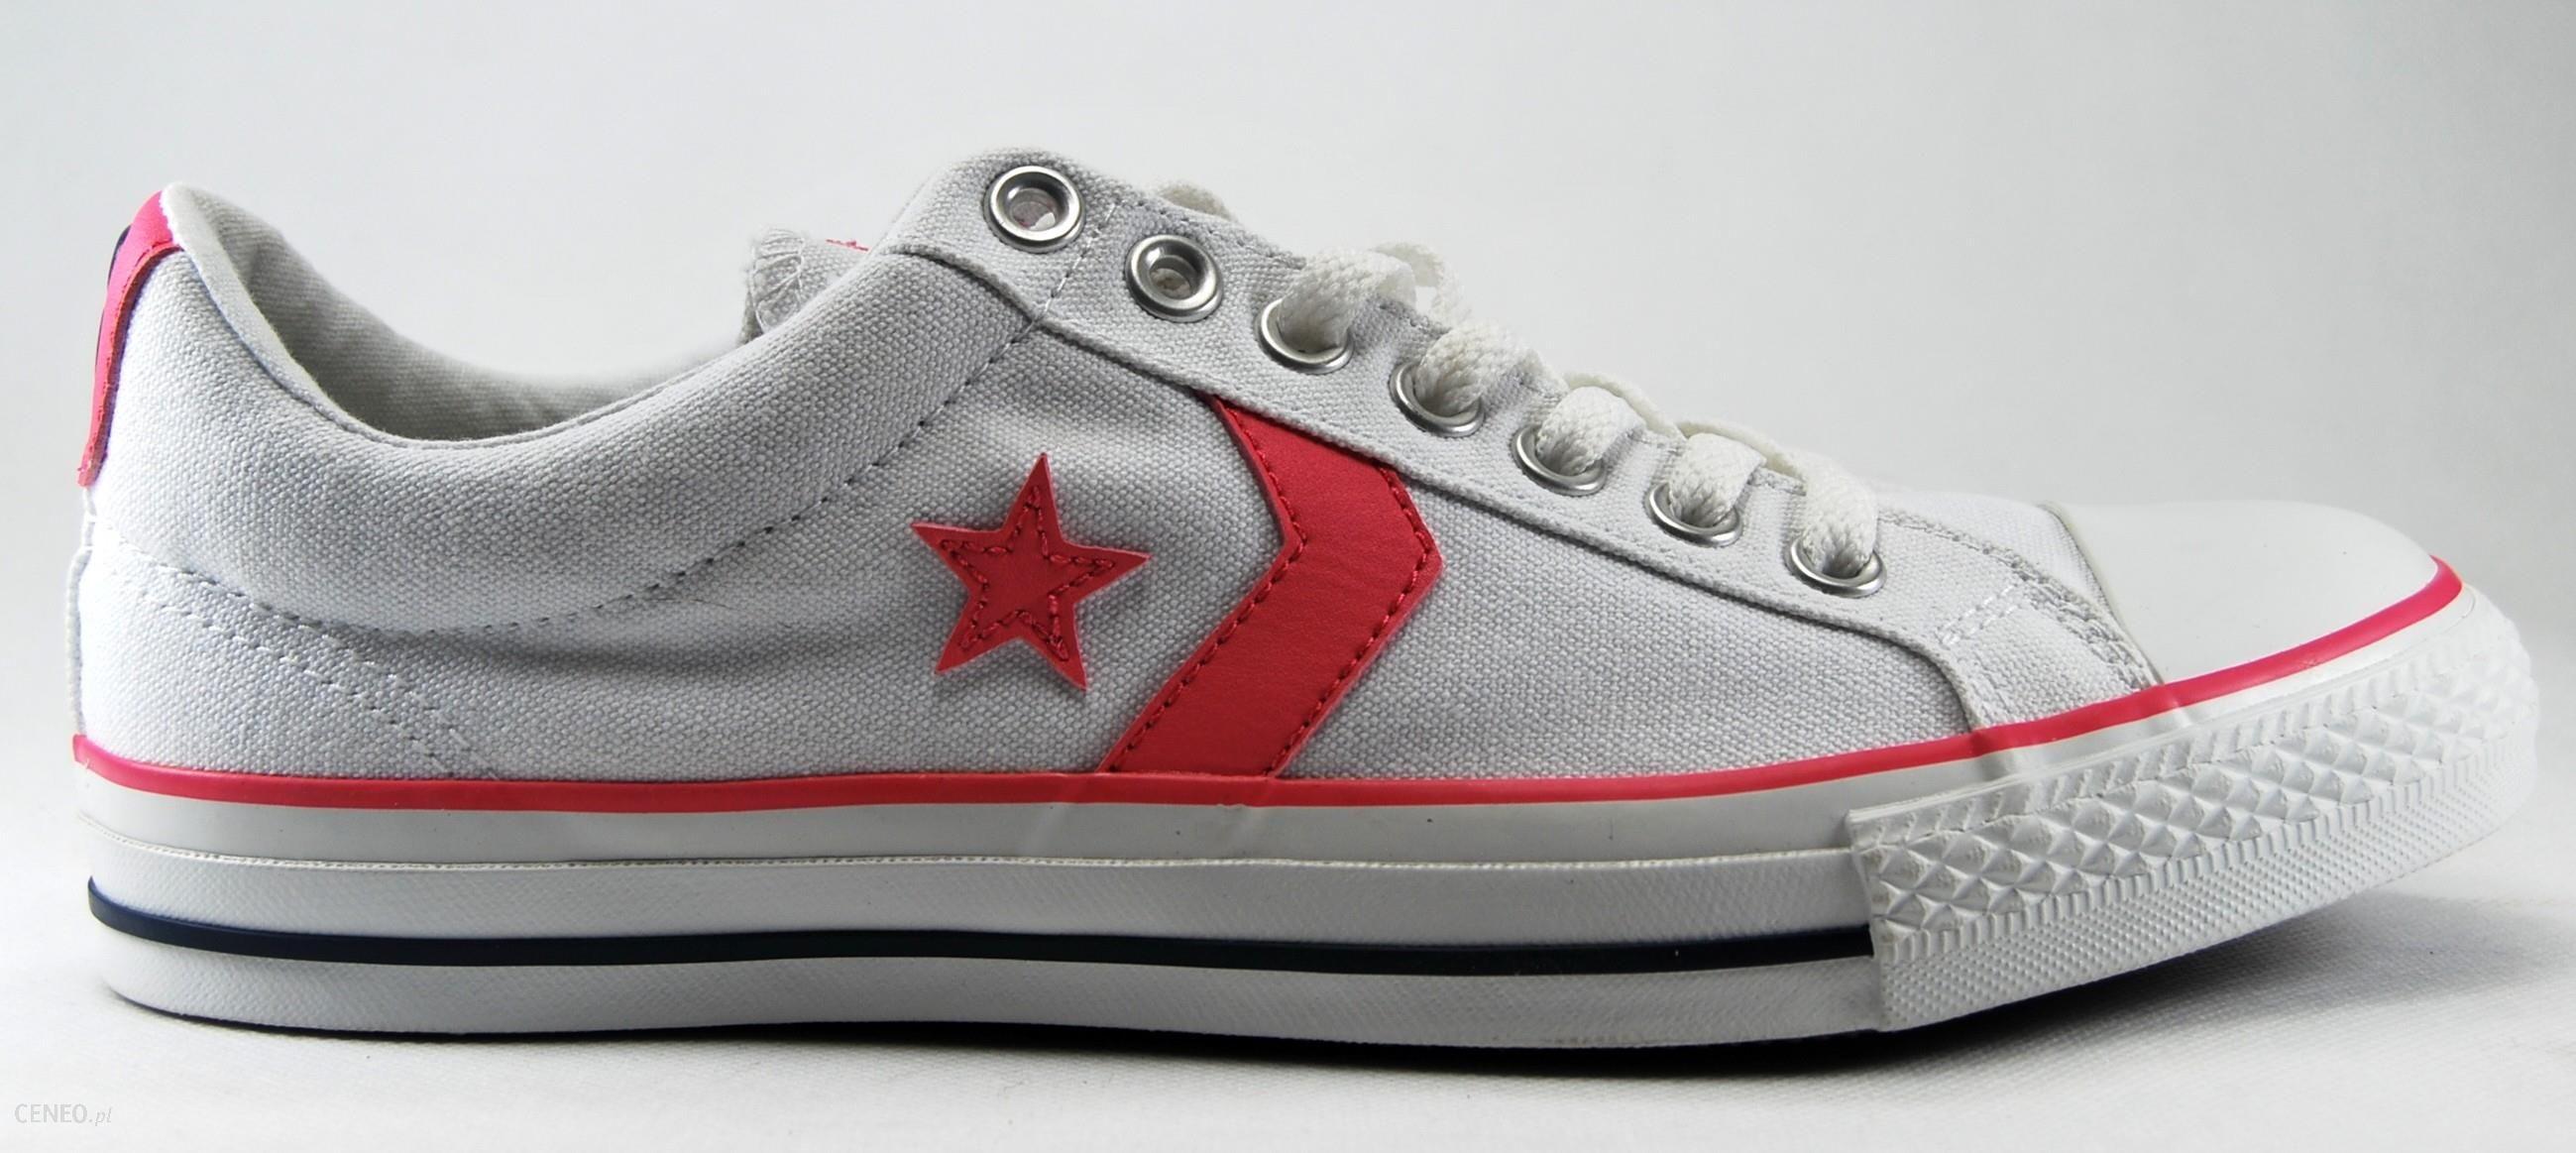 Converse Buty Damskie Star Plyr Ev Ox